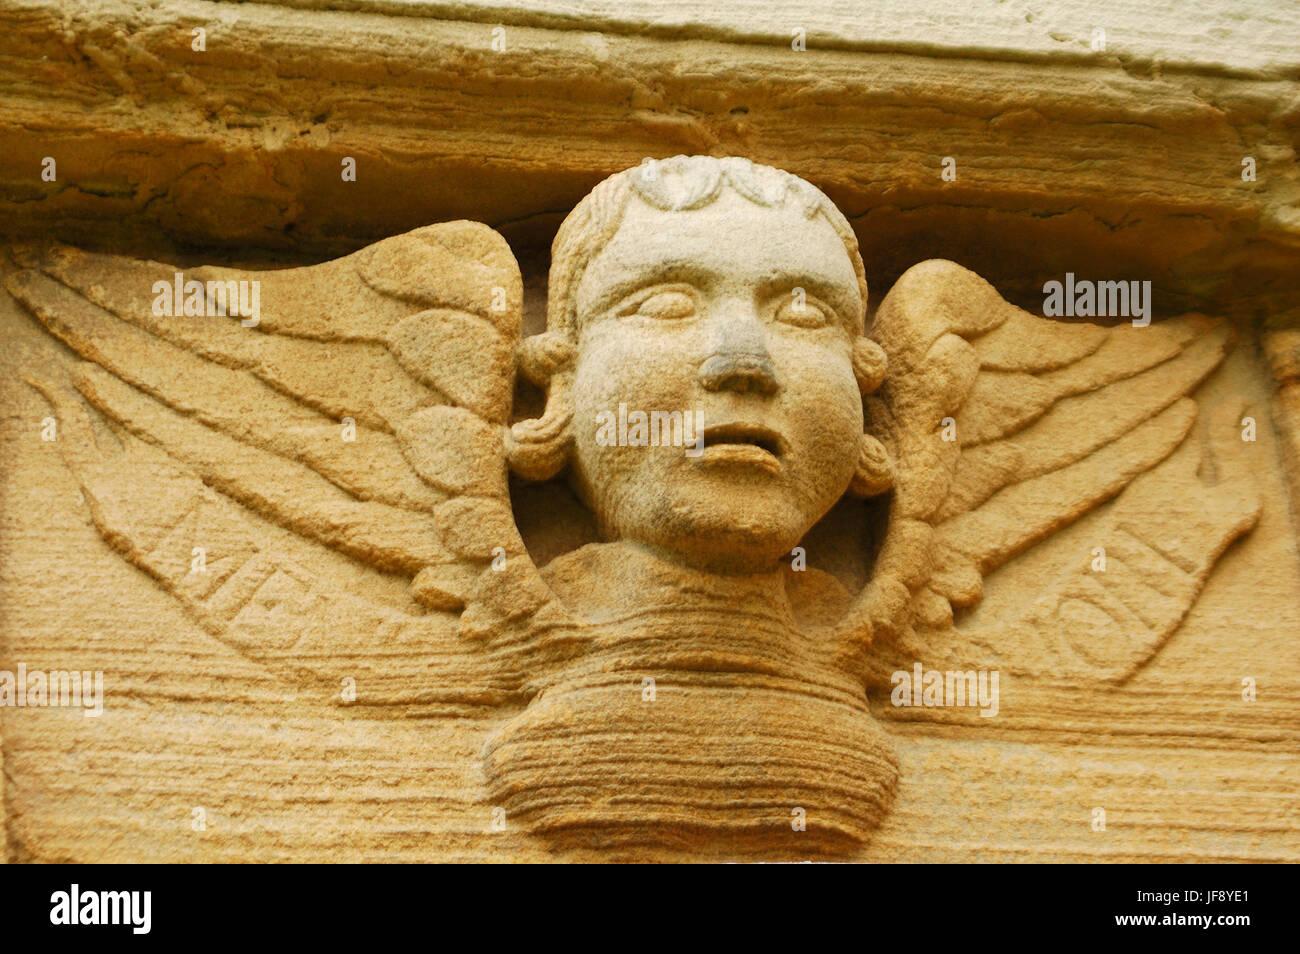 closeup of old 'in memorium' sandstone sculpture - Stock Image